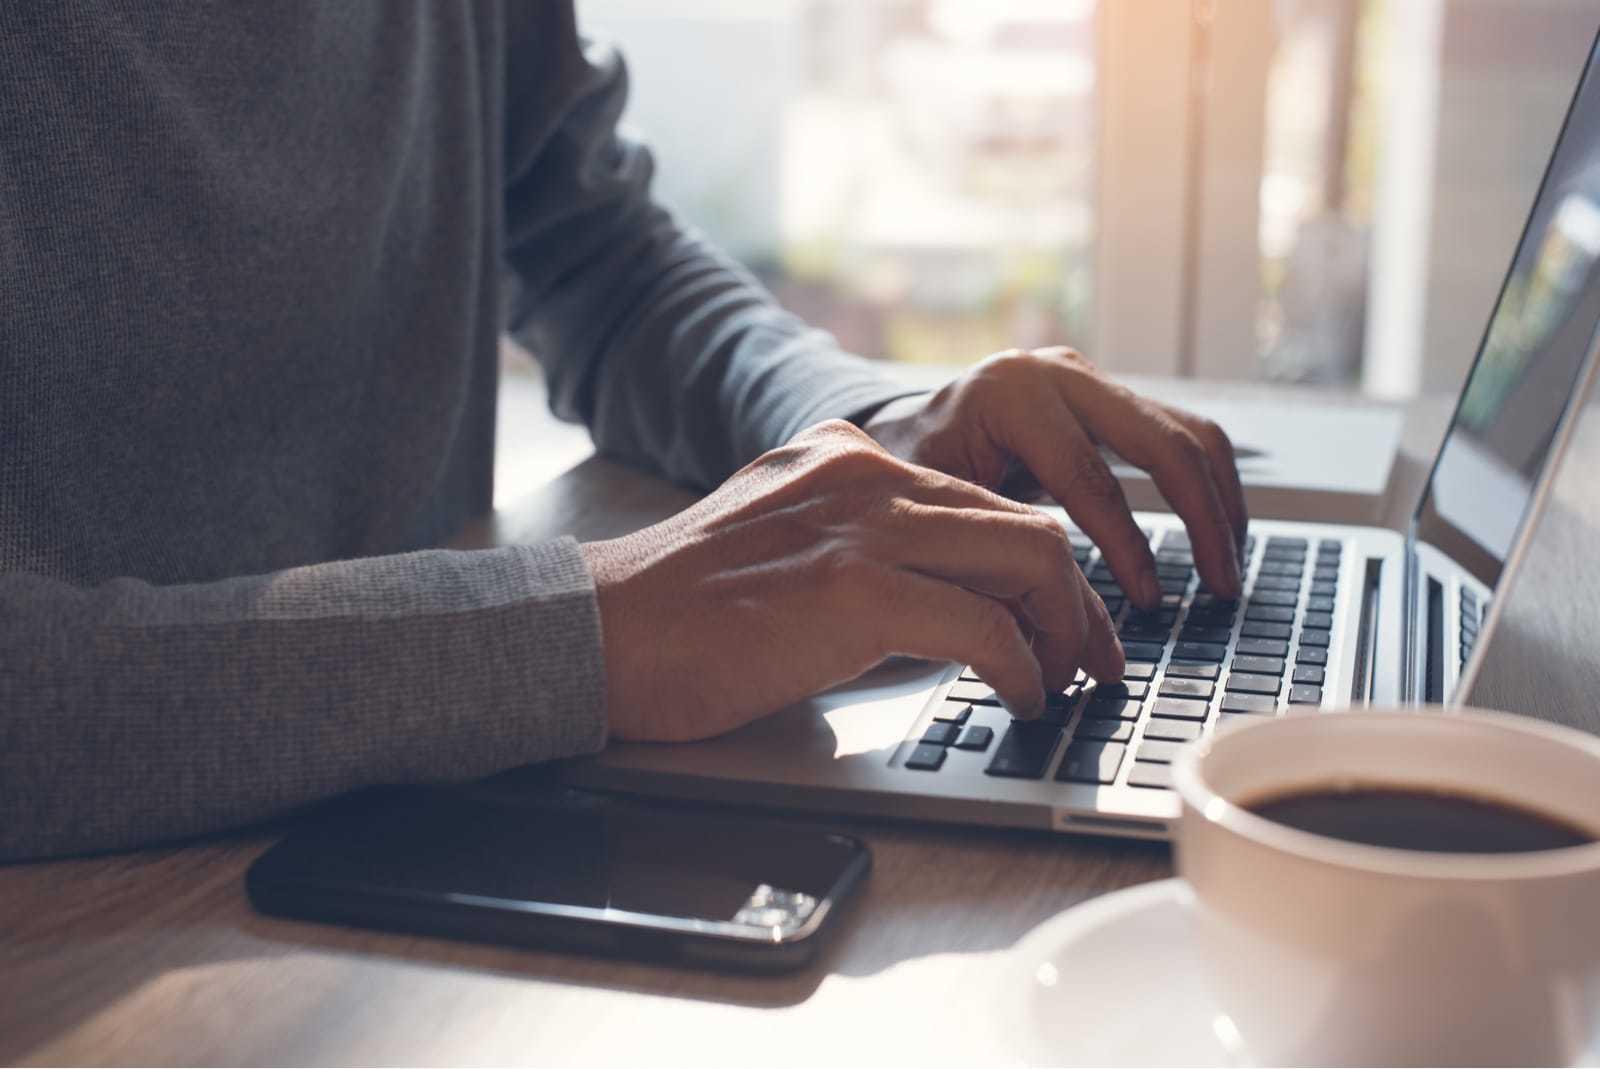 ノートパソコンで仕事をする男性